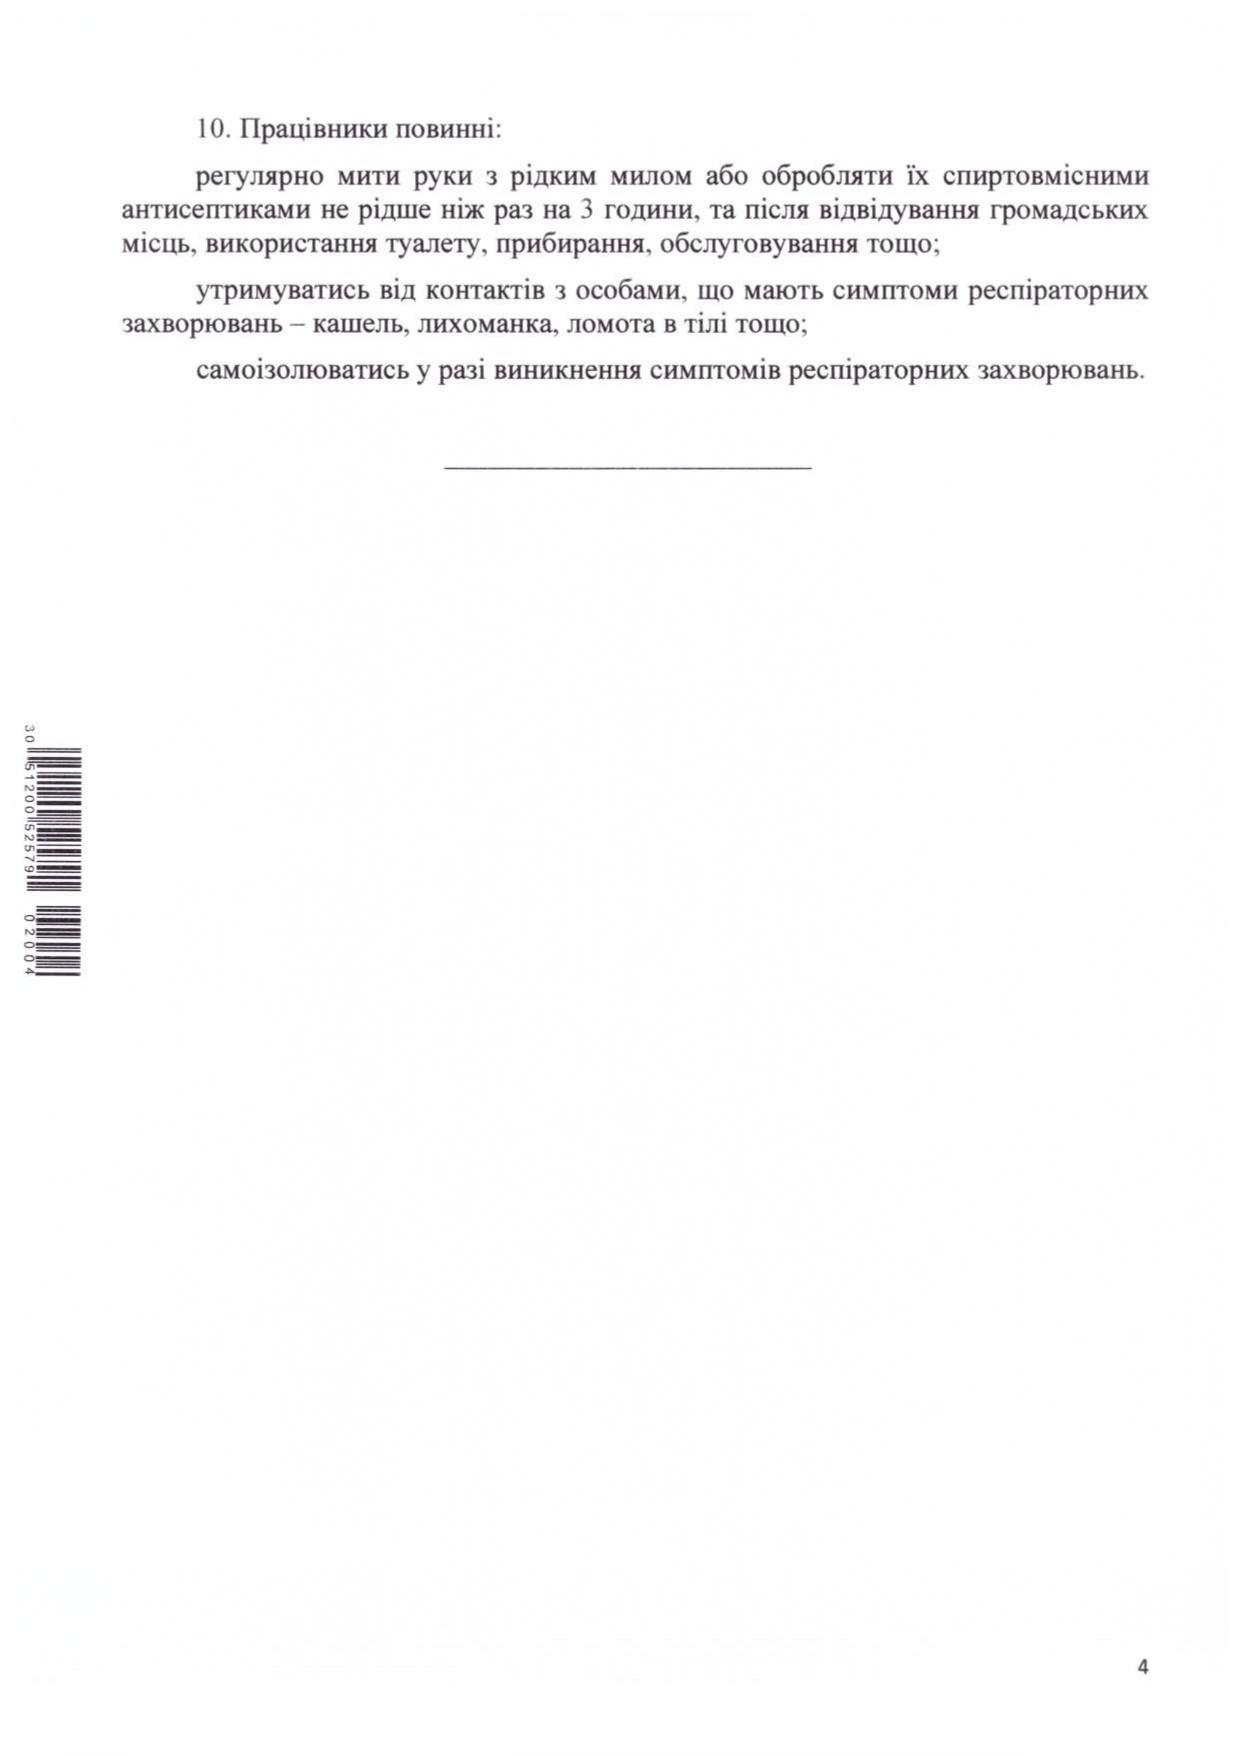 Постанова 20 Page 0004